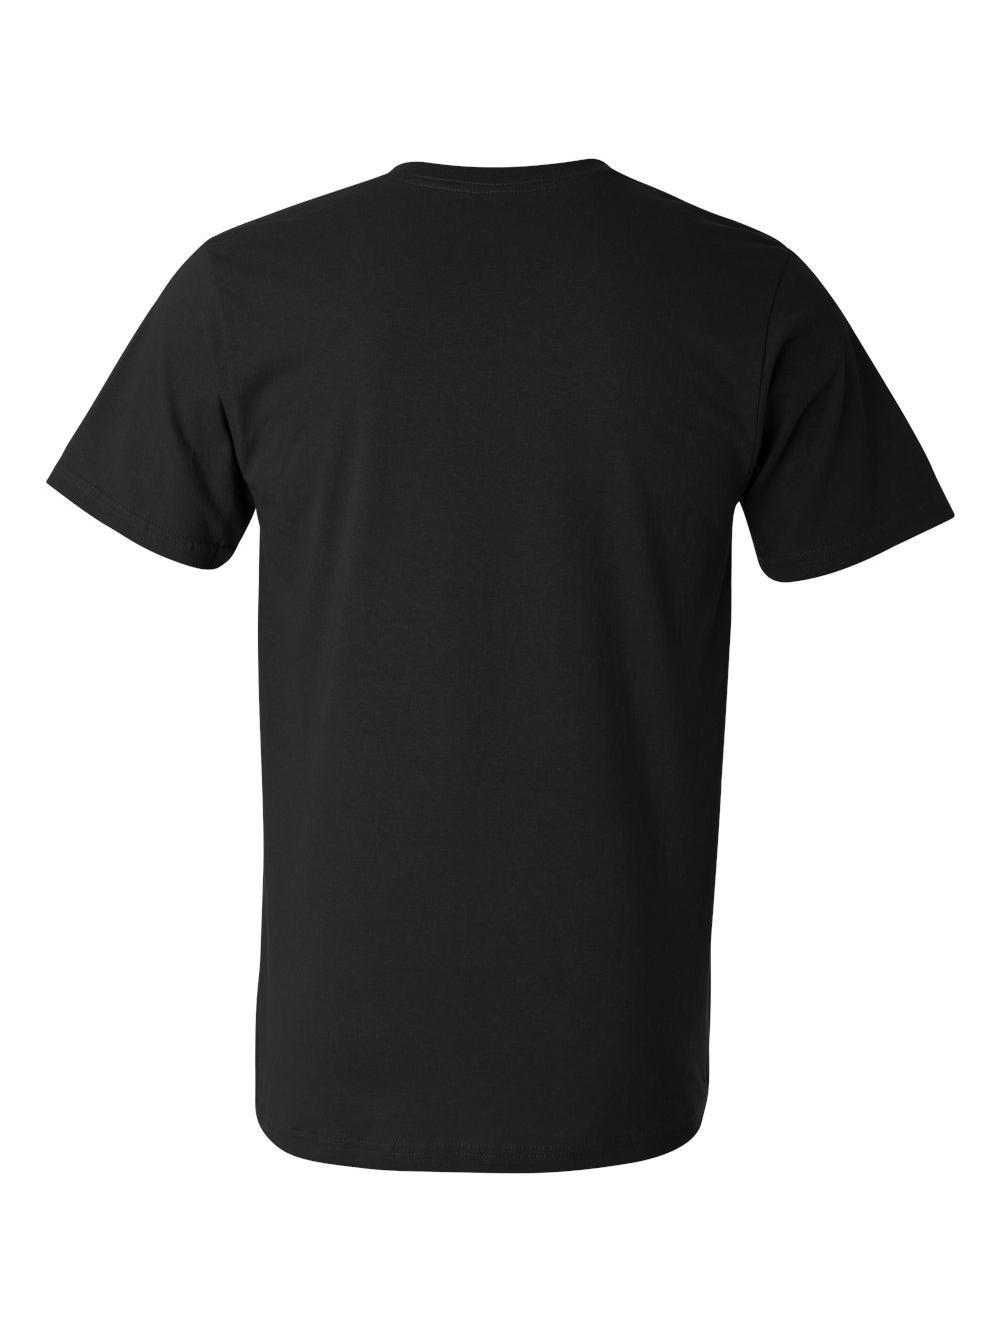 Anvil-Lightweight-Ringspun-V-Neck-T-Shirt-982 thumbnail 4